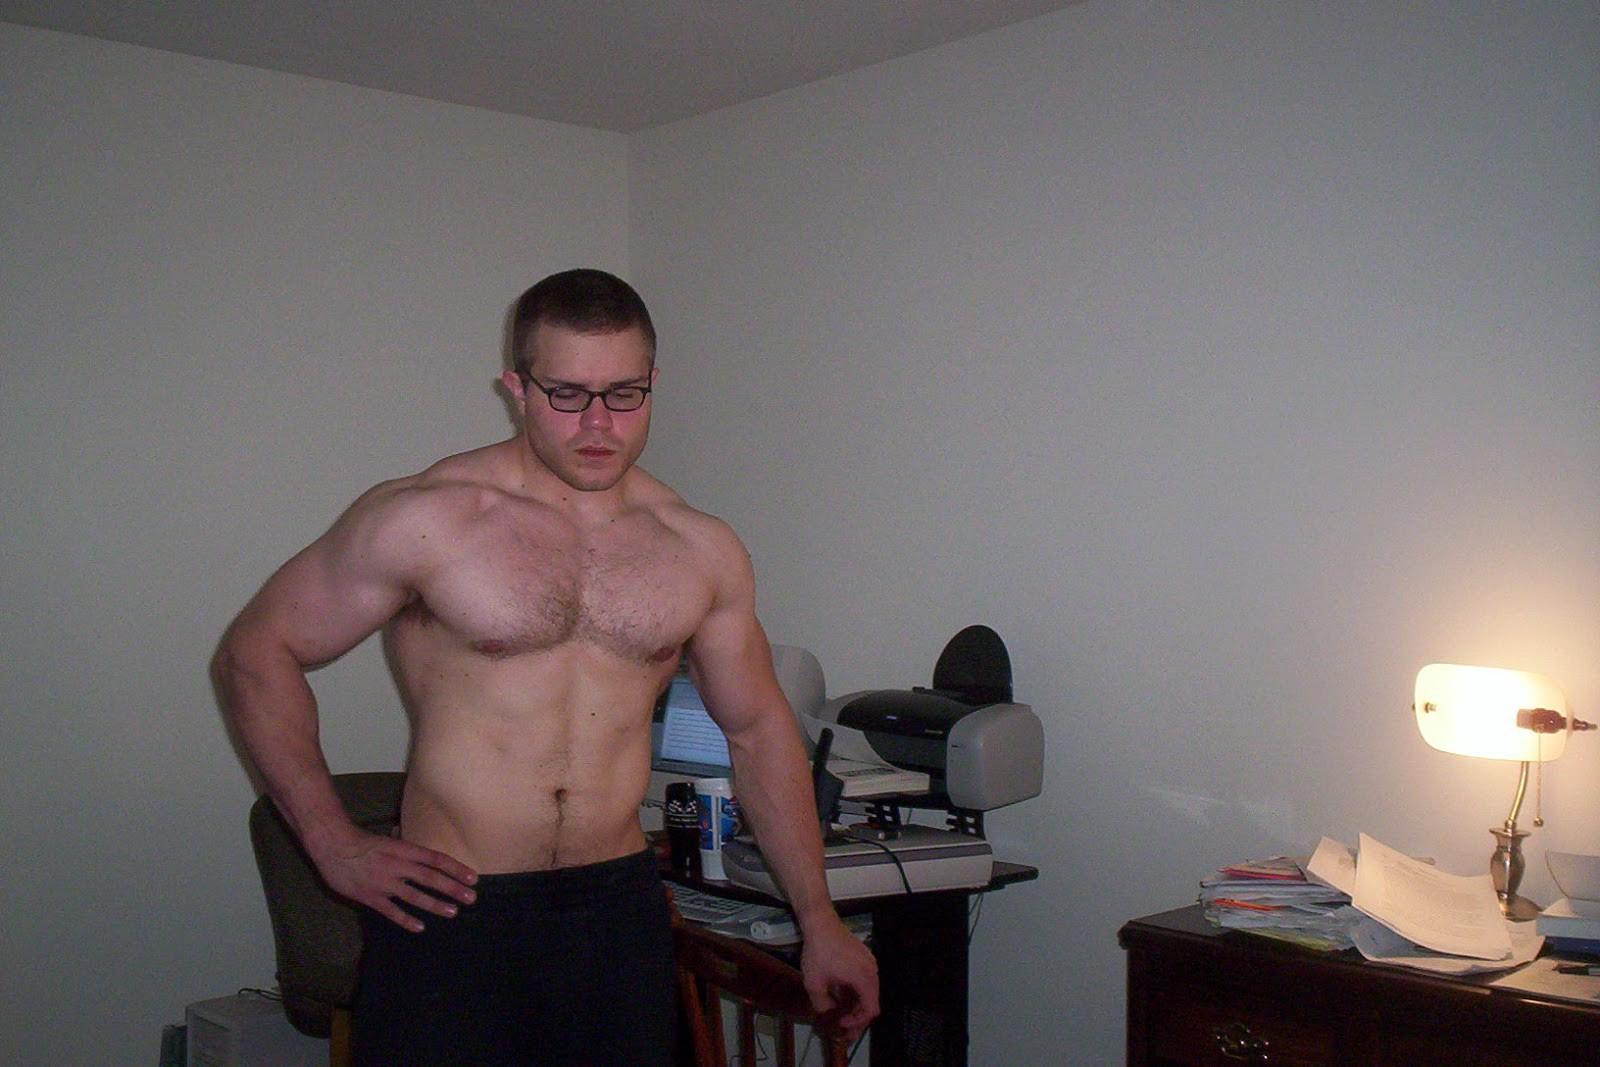 220 lbs en kg